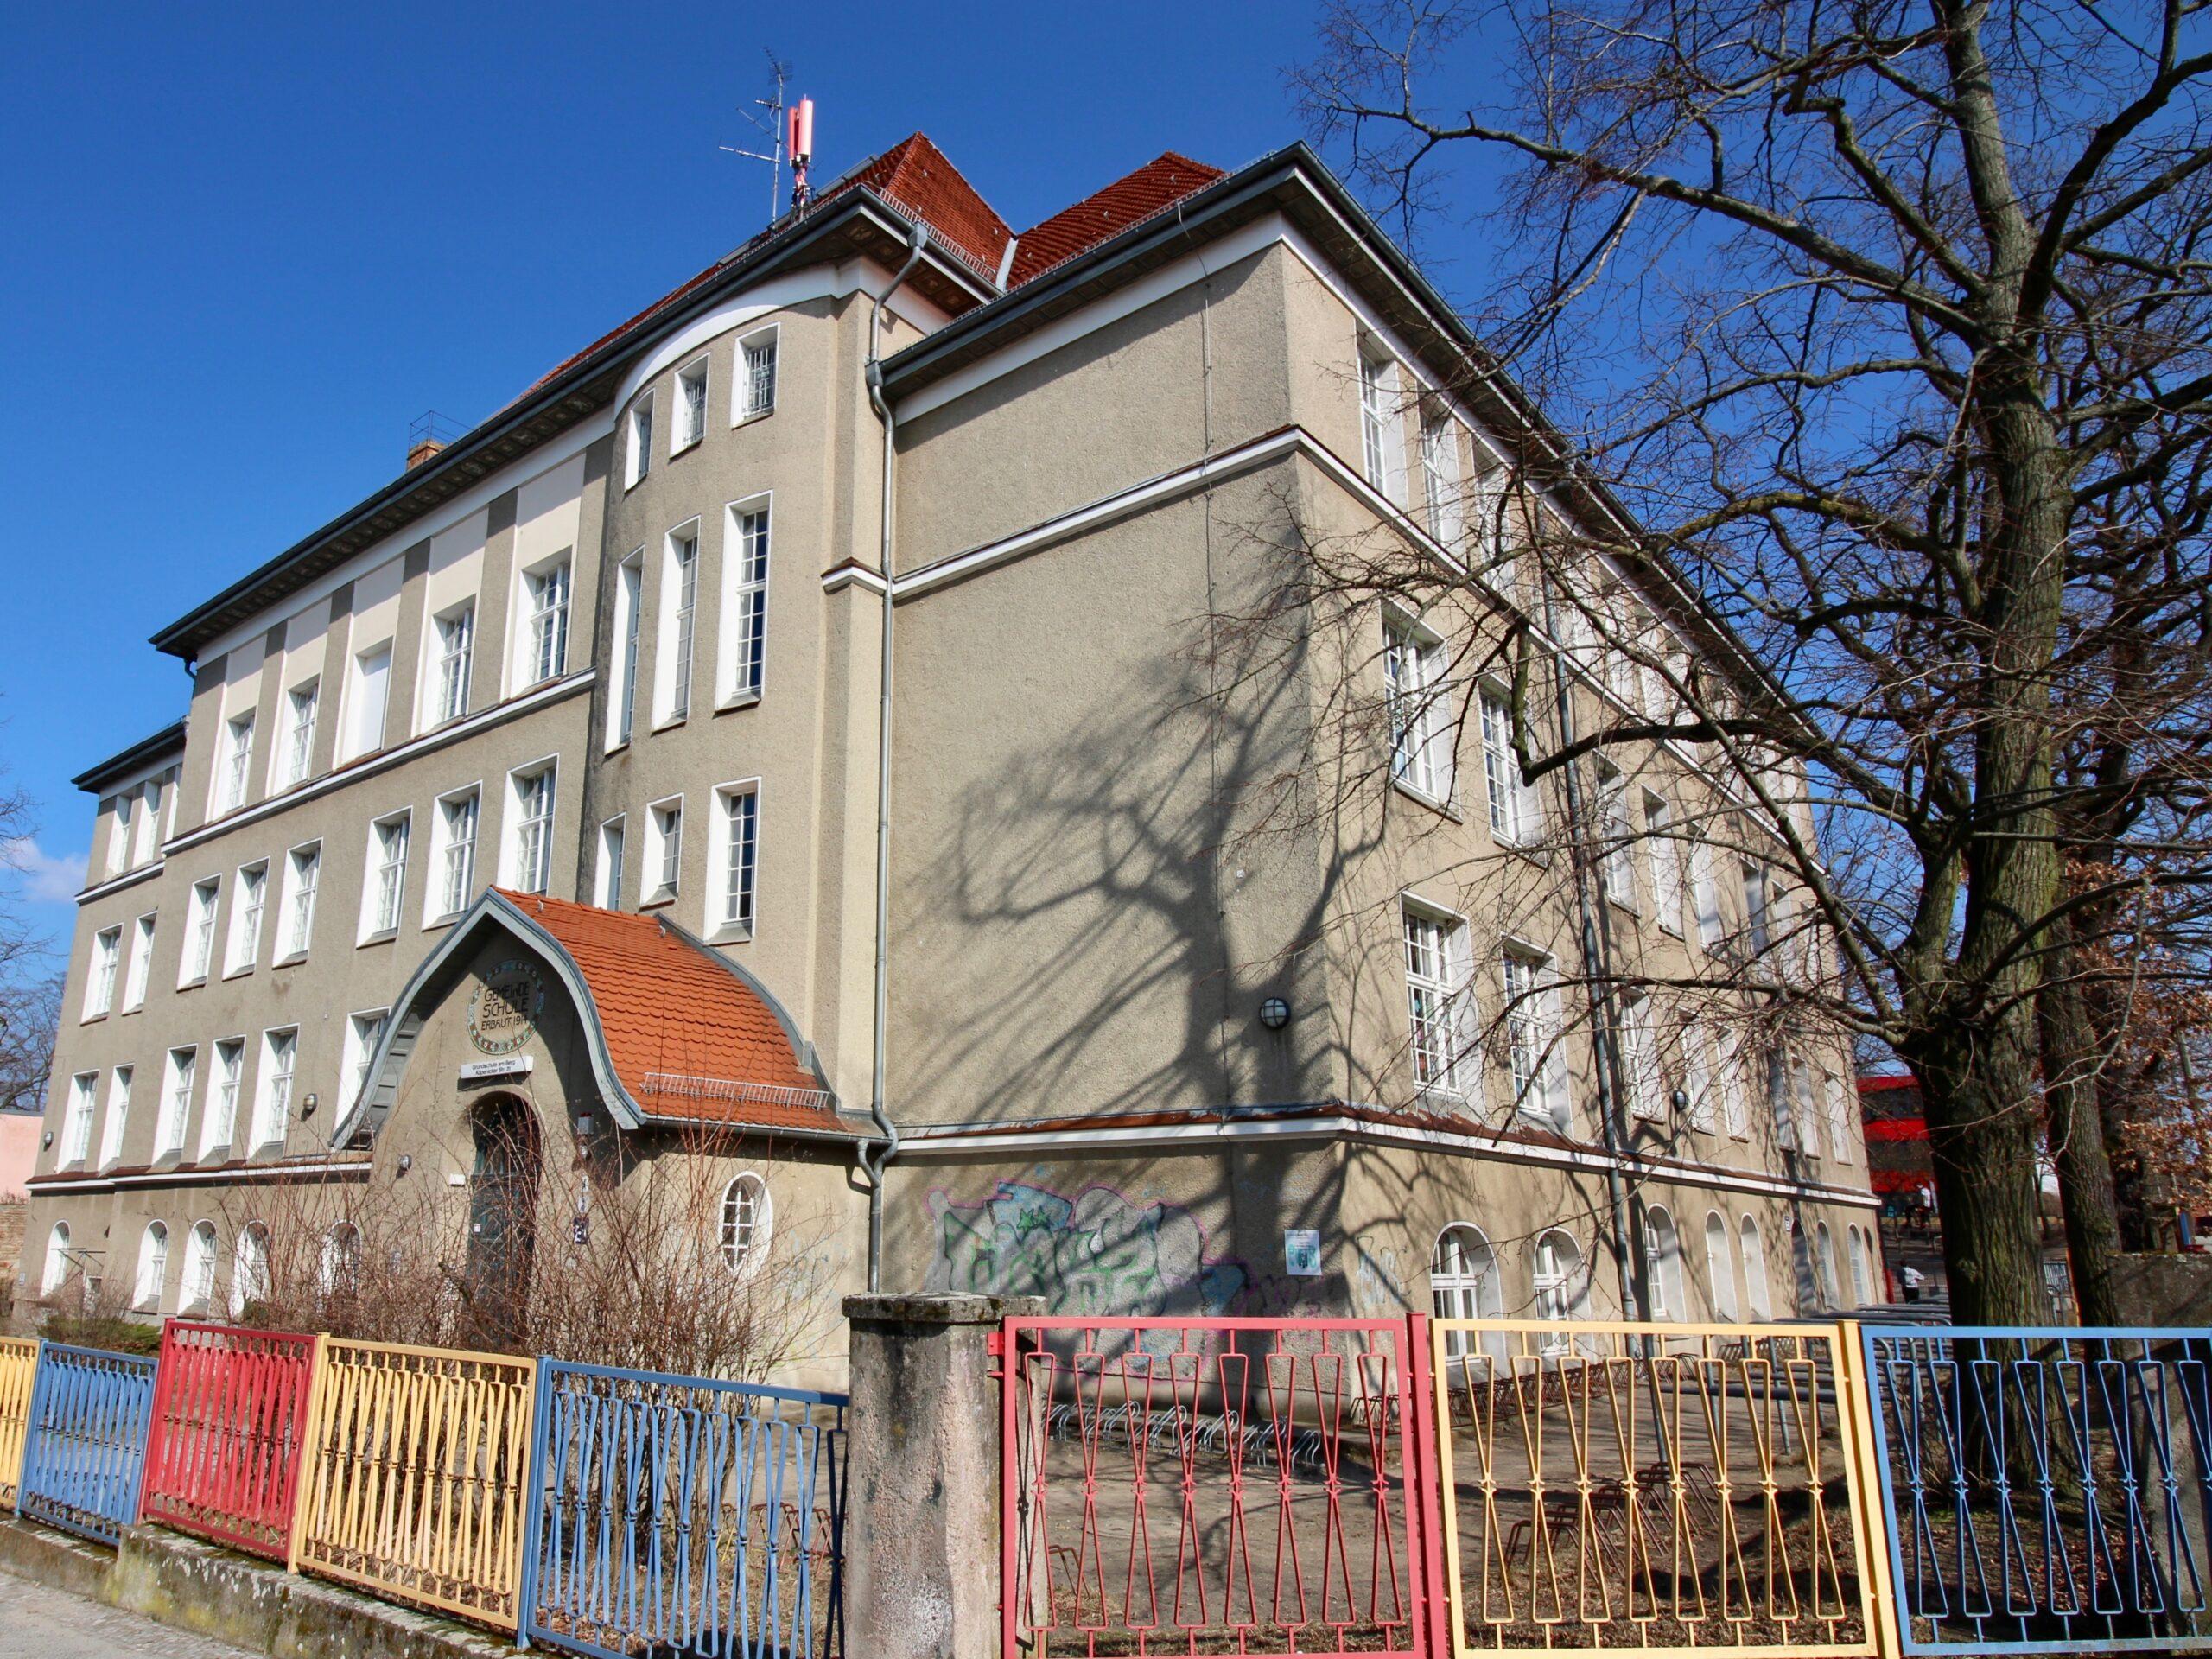 Grundschule am Berg in Altglienicke